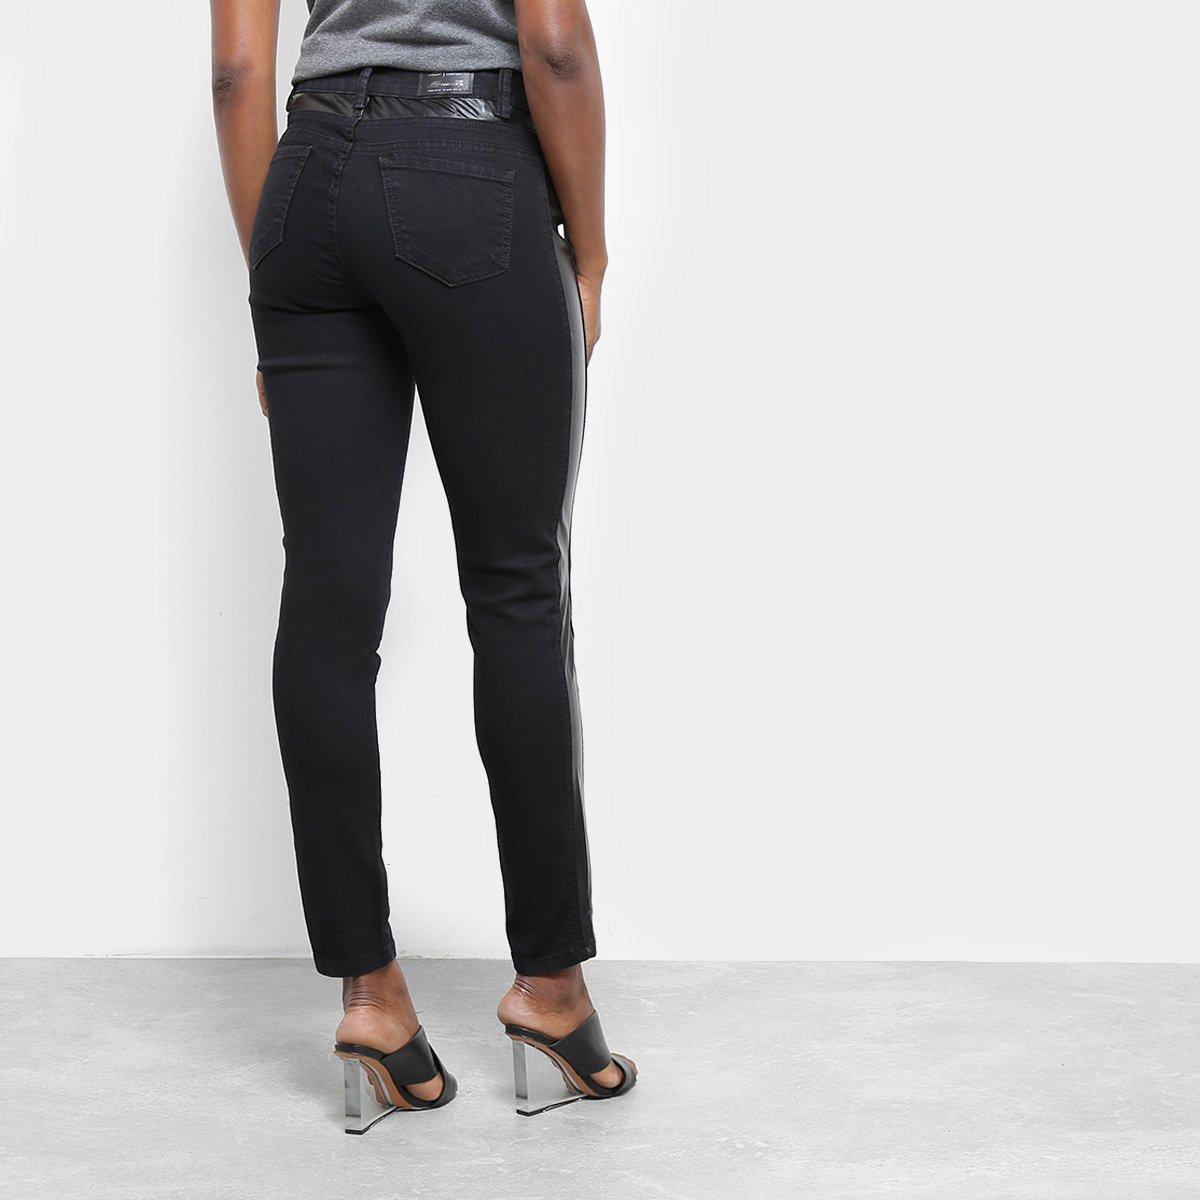 63f7a4c436 Foto 2 - Calça Jeans Cigarrete Sawary Detalhe Couro Sintético Cintura Média  Feminina